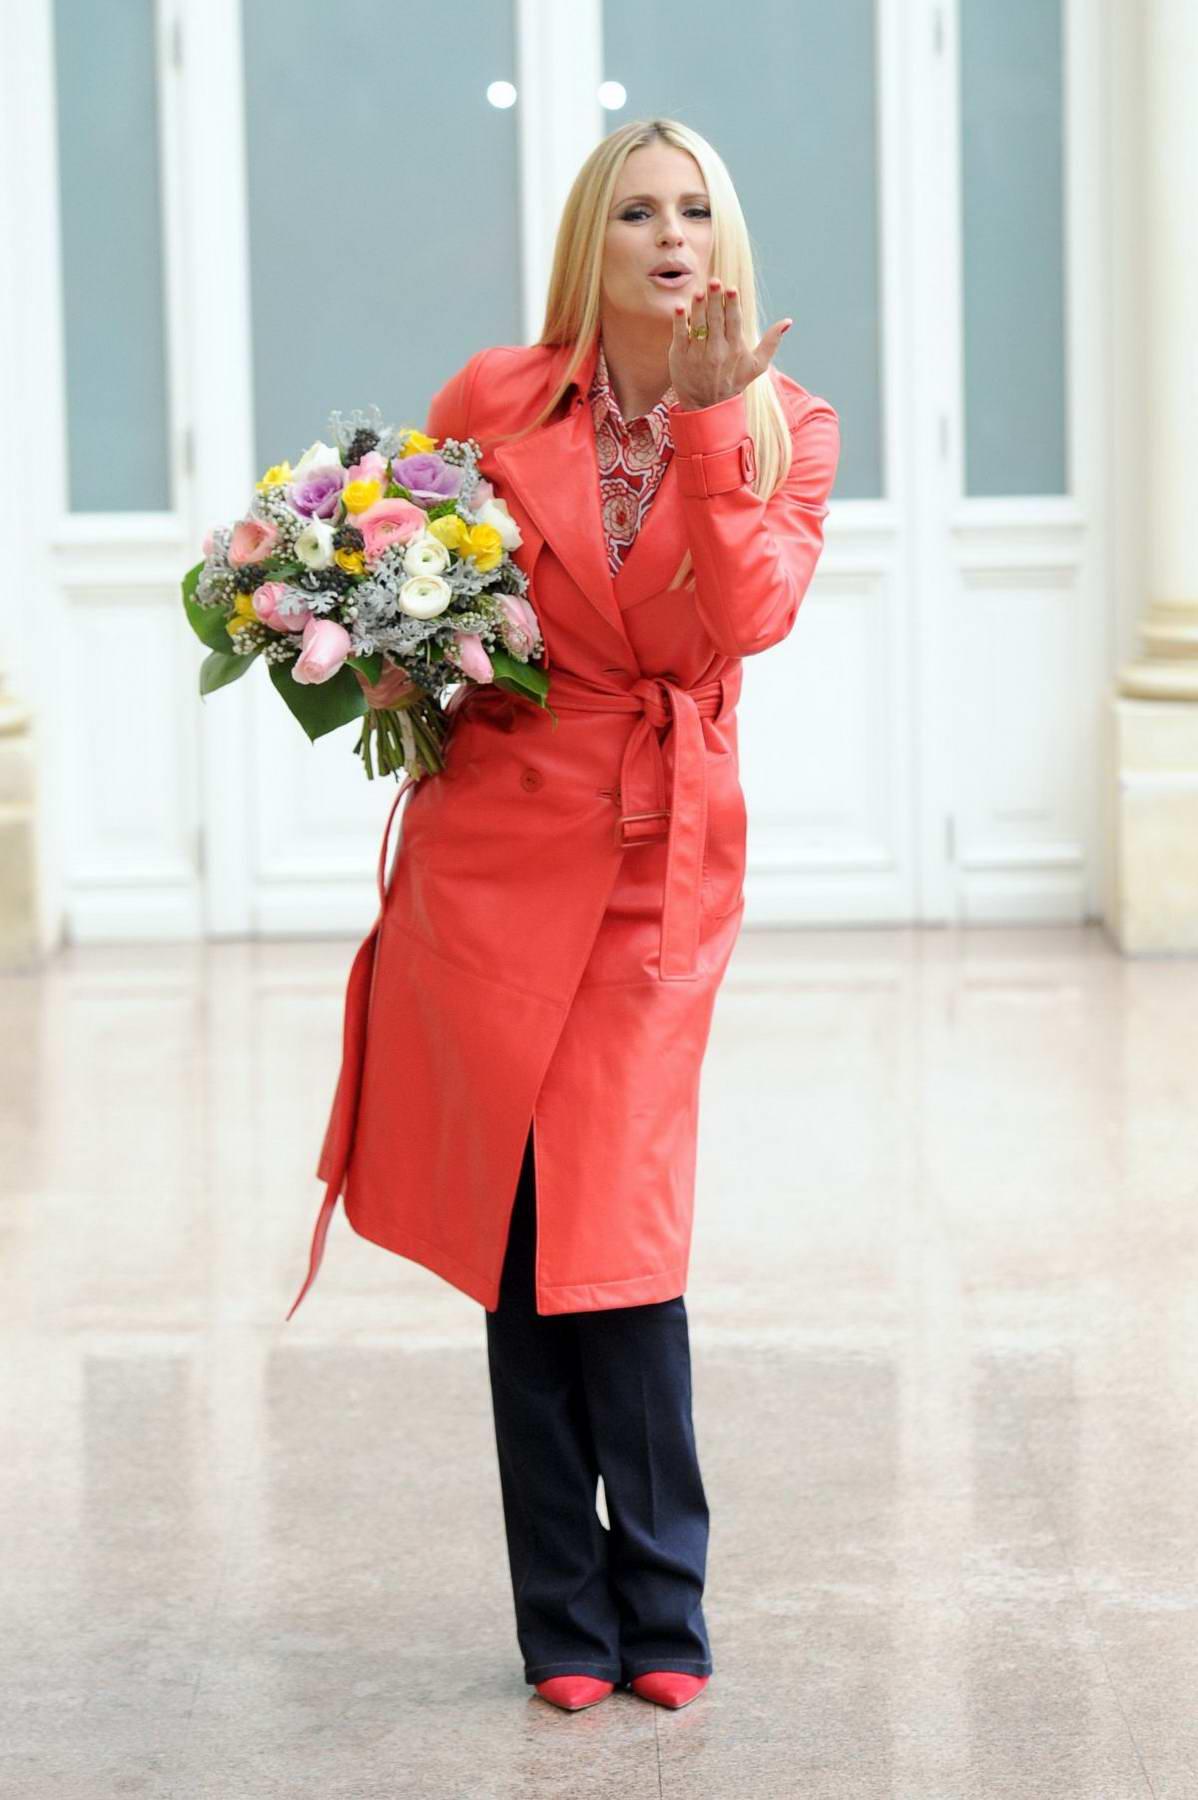 Michelle Hunziker attends 68th Sanremo Music Festival held at Teatro Ariston in Sanremo, Italy